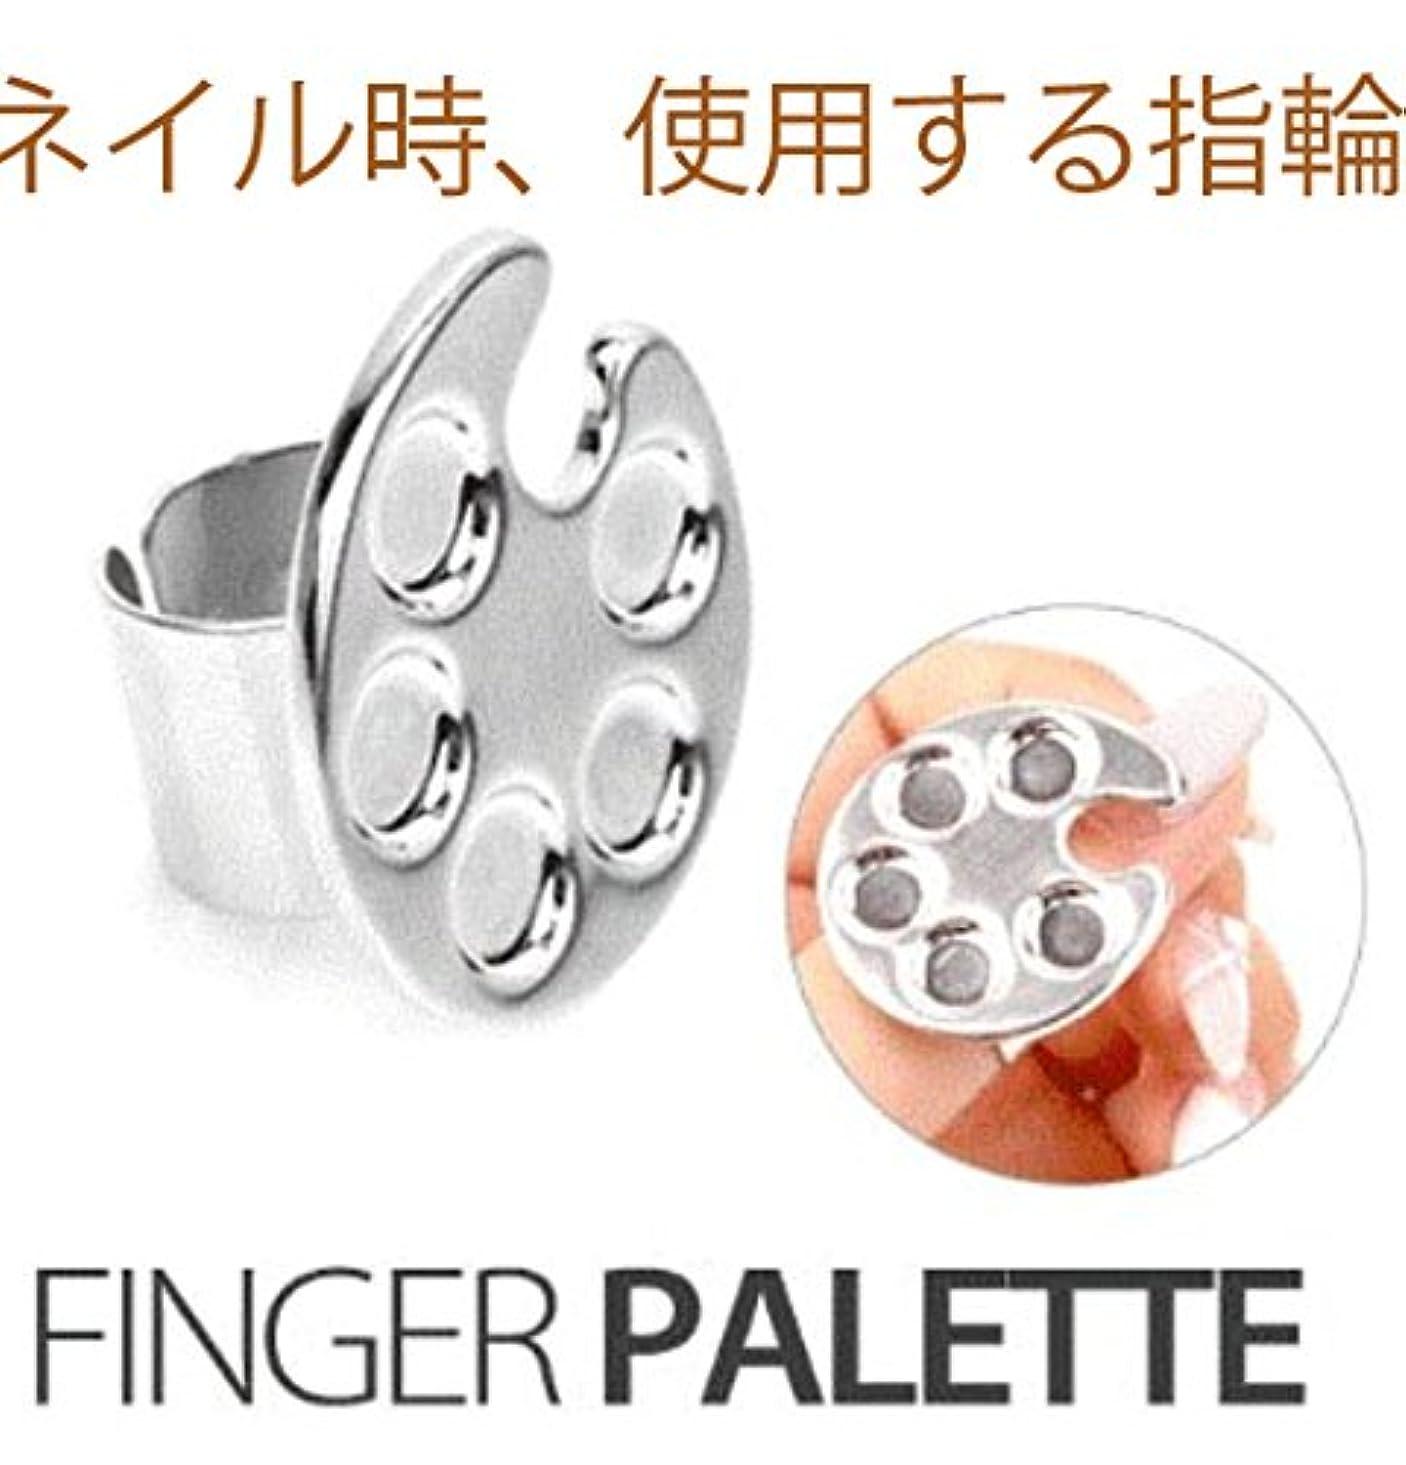 ネイルアートが楽になる、、ネイル時、使用する可愛いパレット指輪